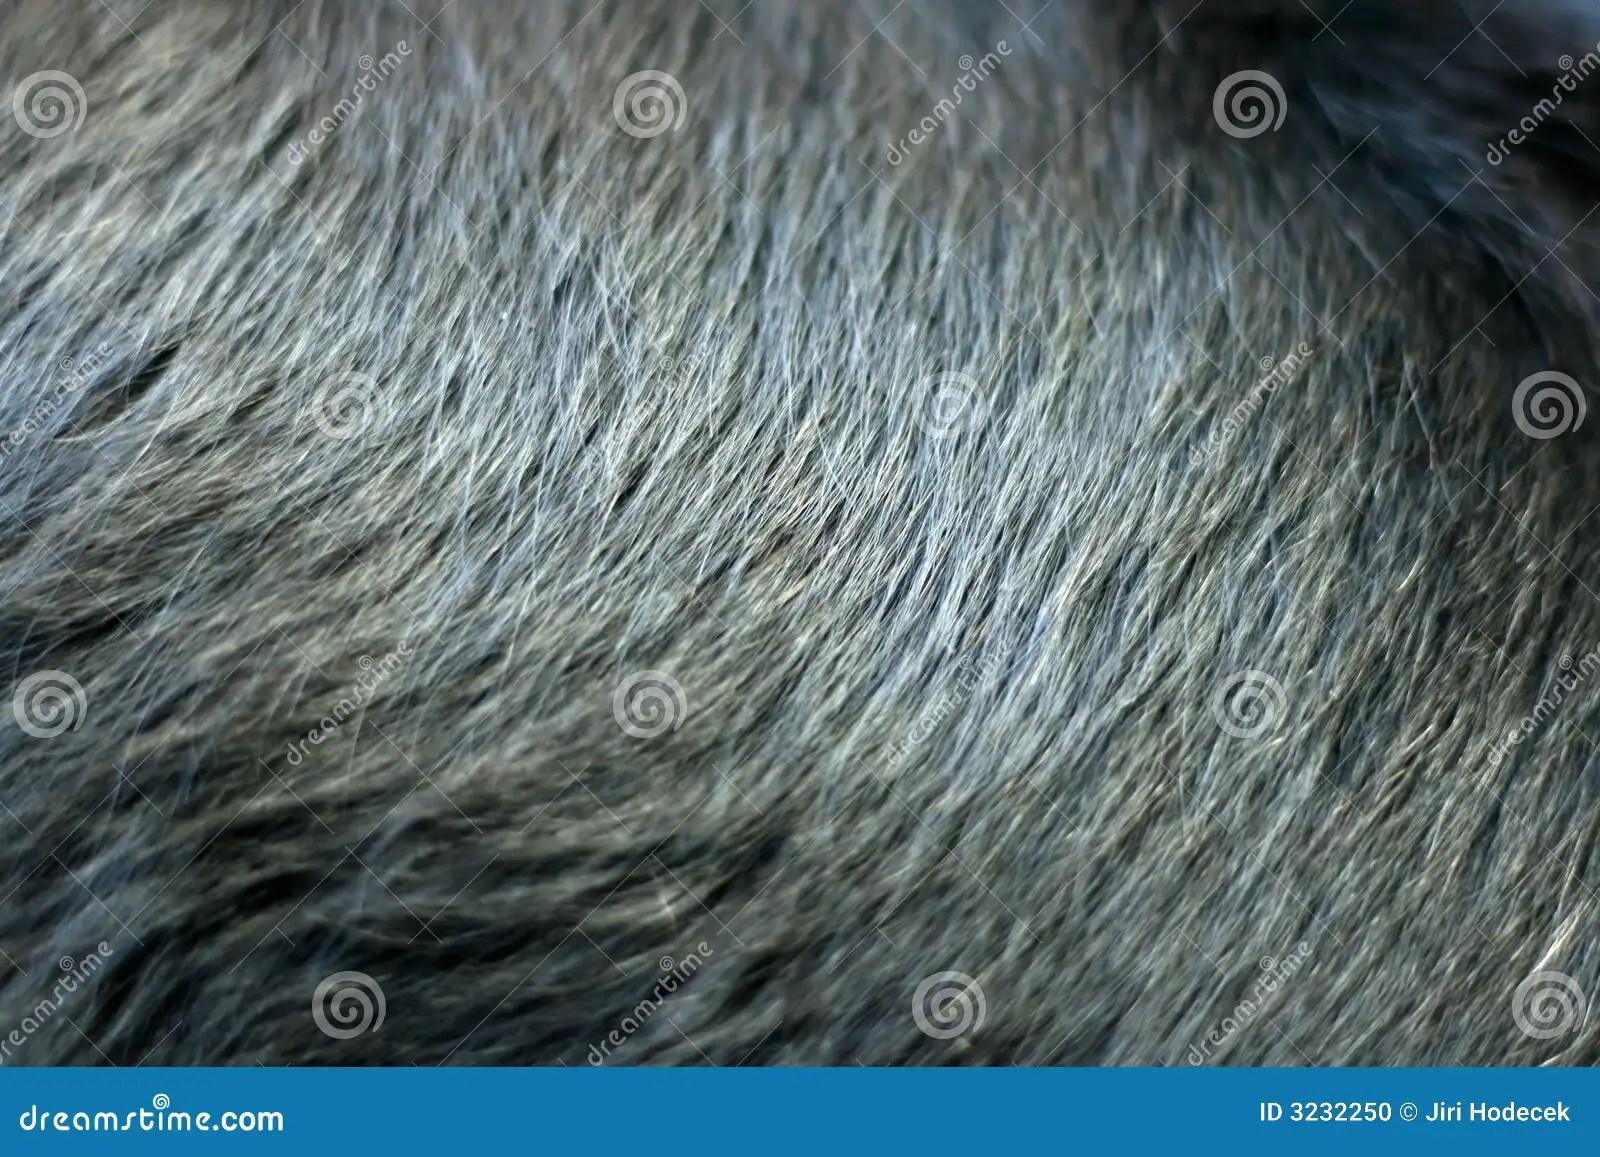 Shiny black fur of dog stock photo Image of background